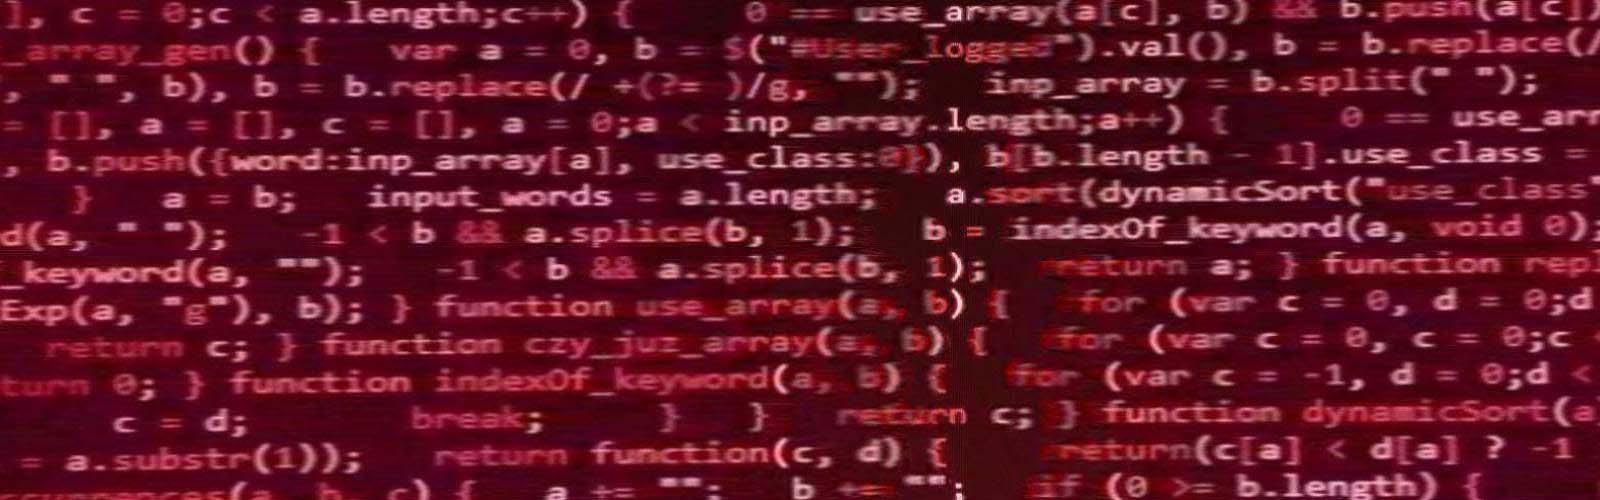 FBI and DHS Issue Joanap and Brambul Malware Attack Warning